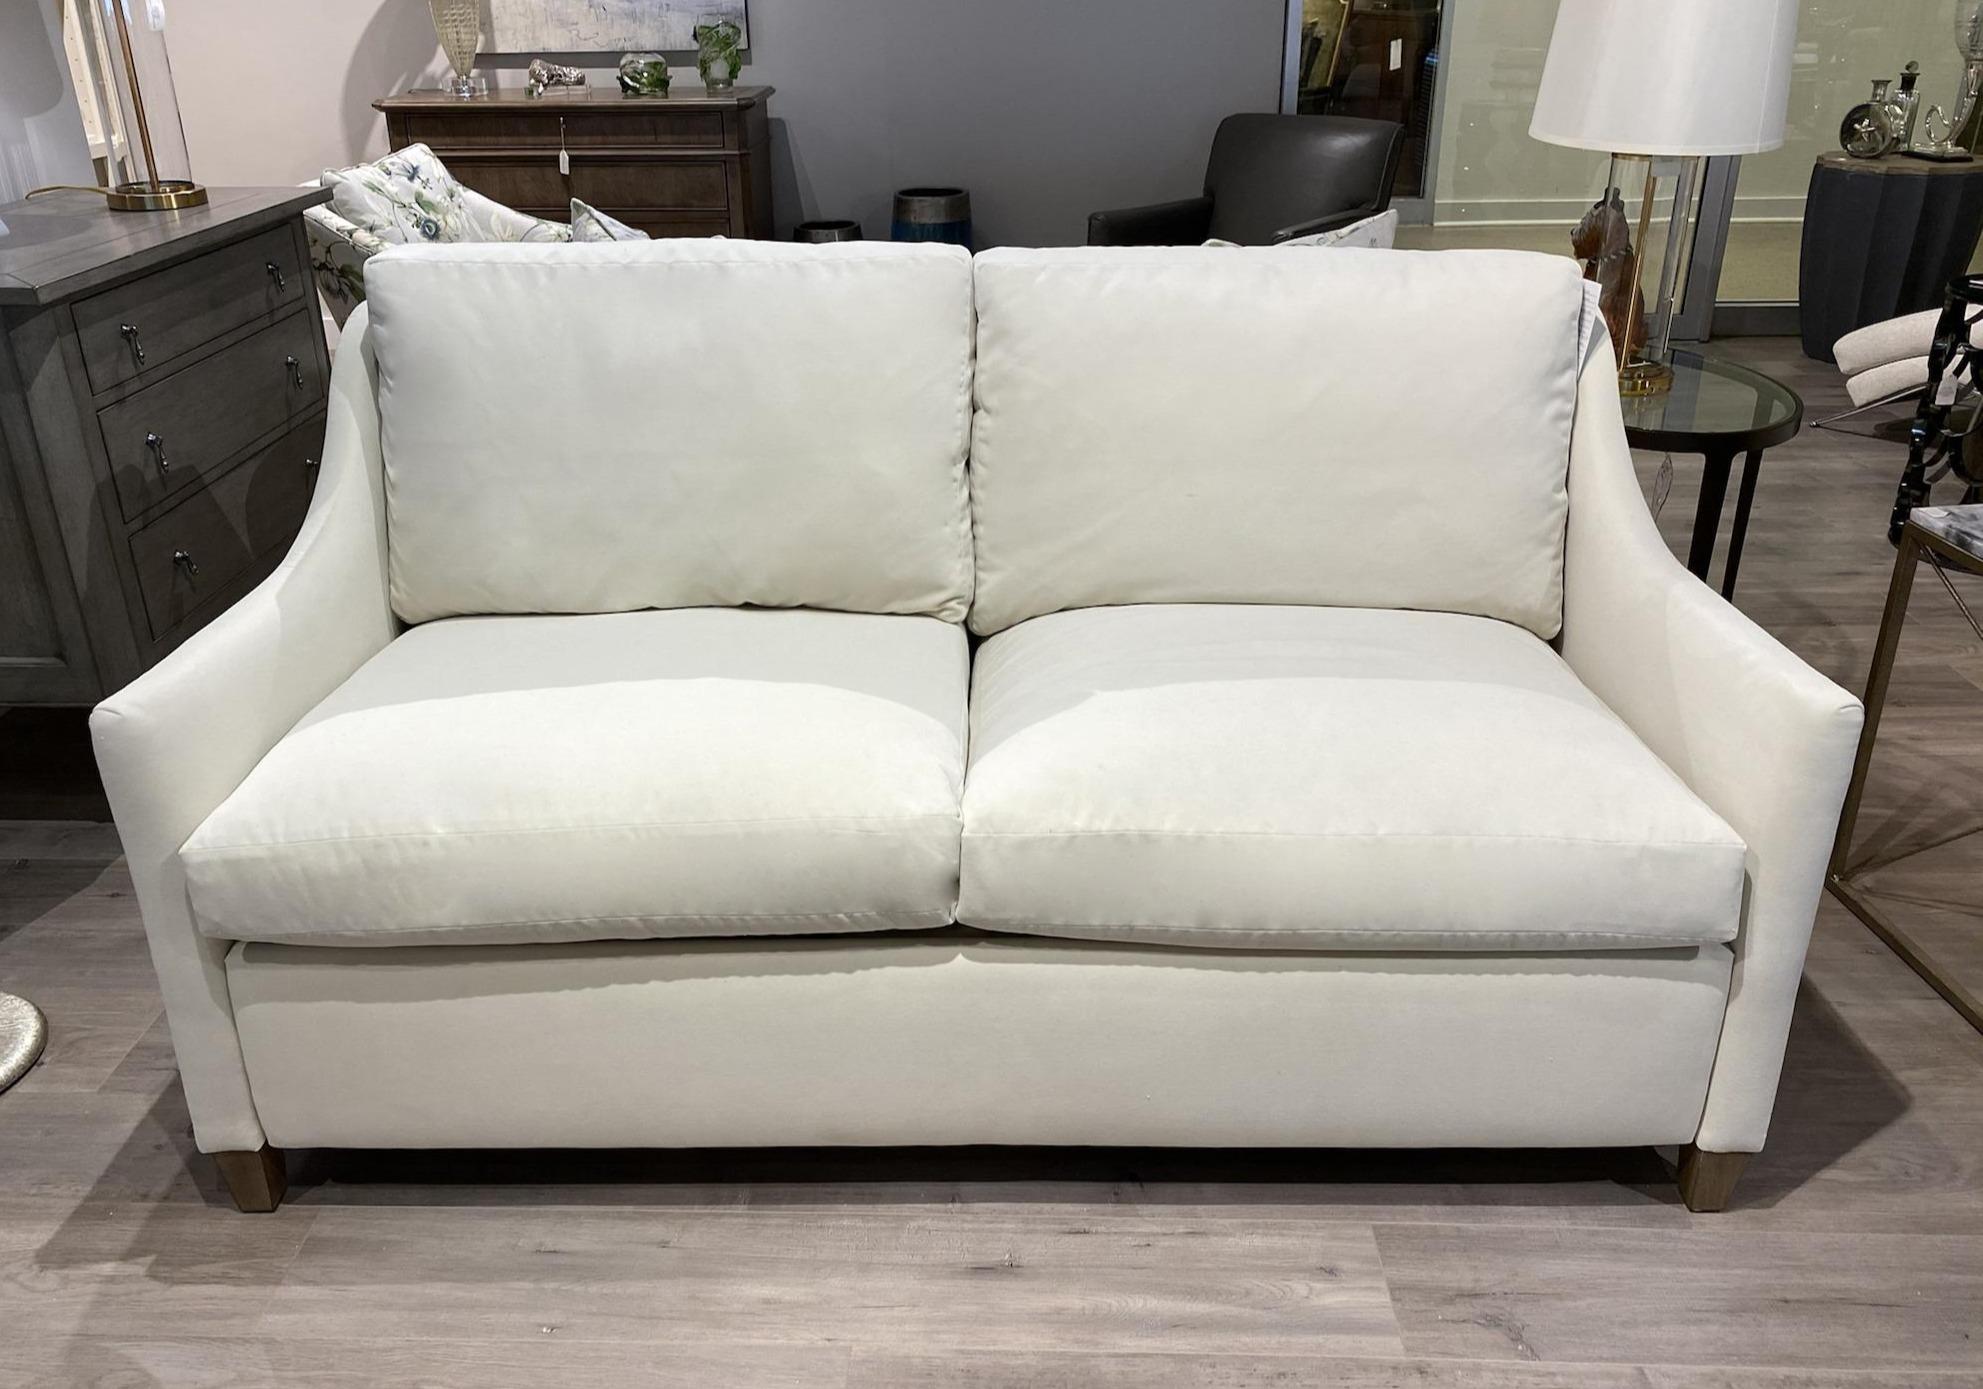 $2,500 - Queen Sleeper Sofa